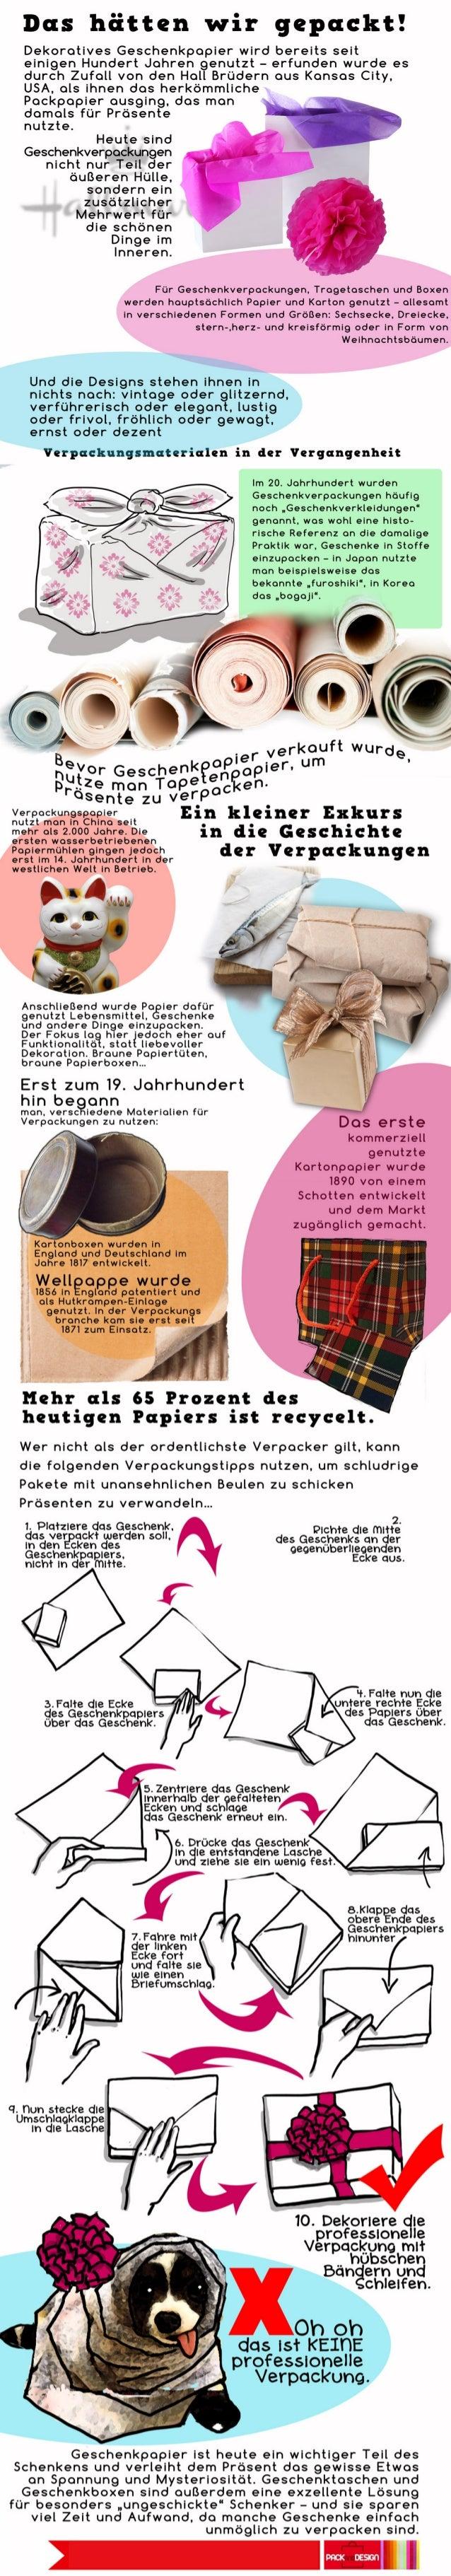 Geschenkpapier-Infografik von Pack and Design